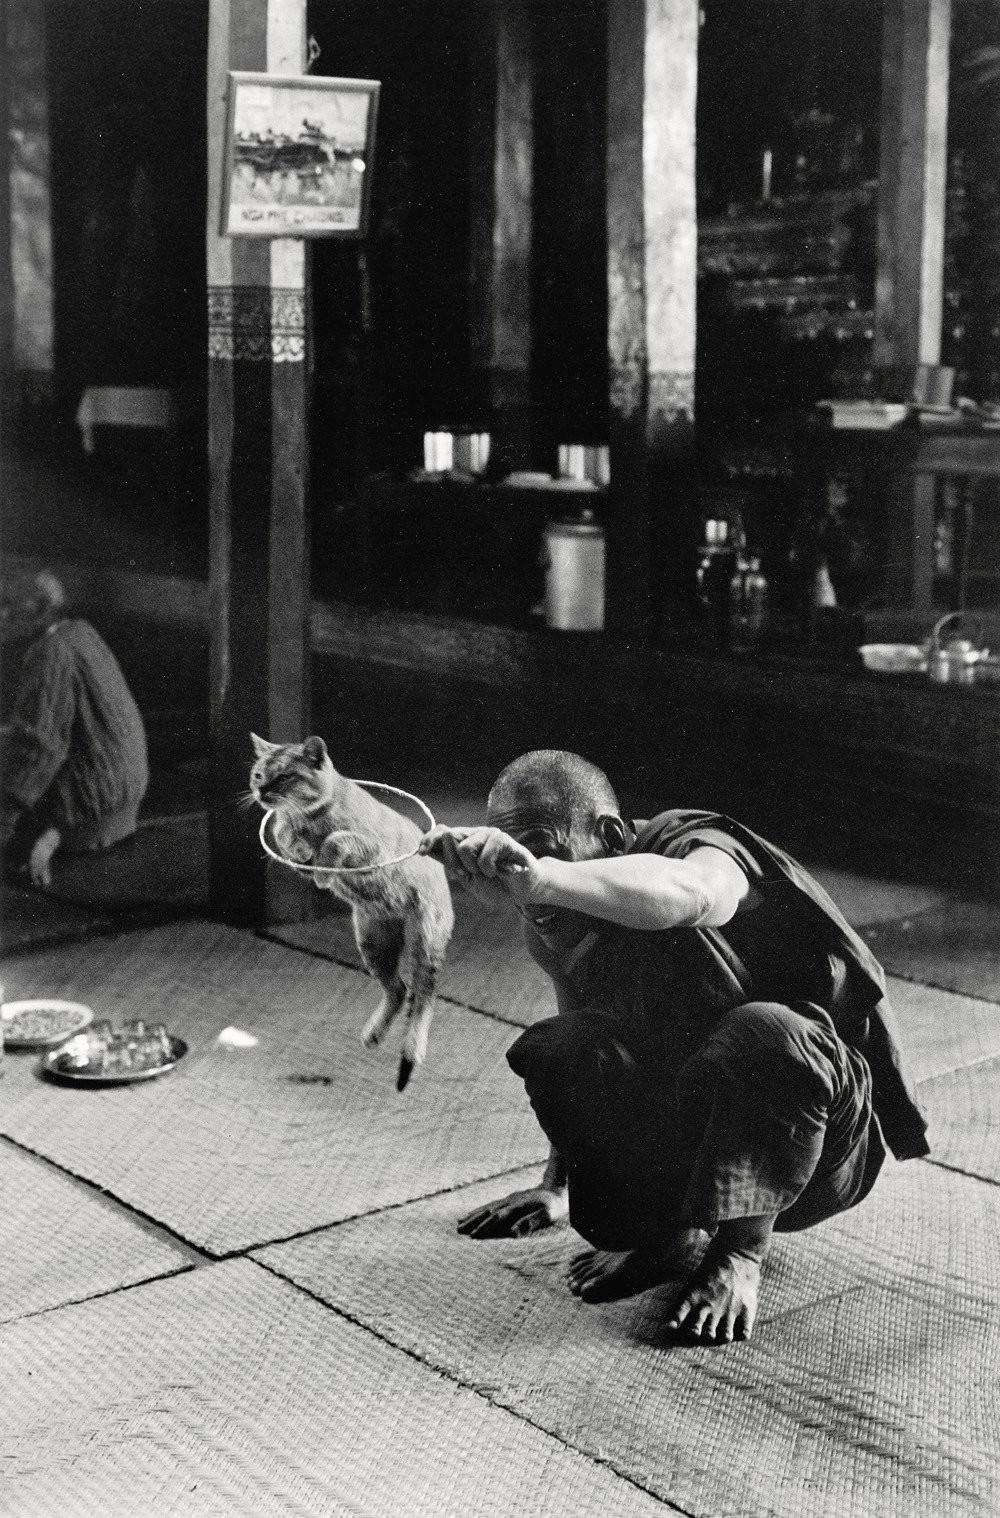 Монастырь прыгающих кошек, 1950. Фотограф Сабина Вайс